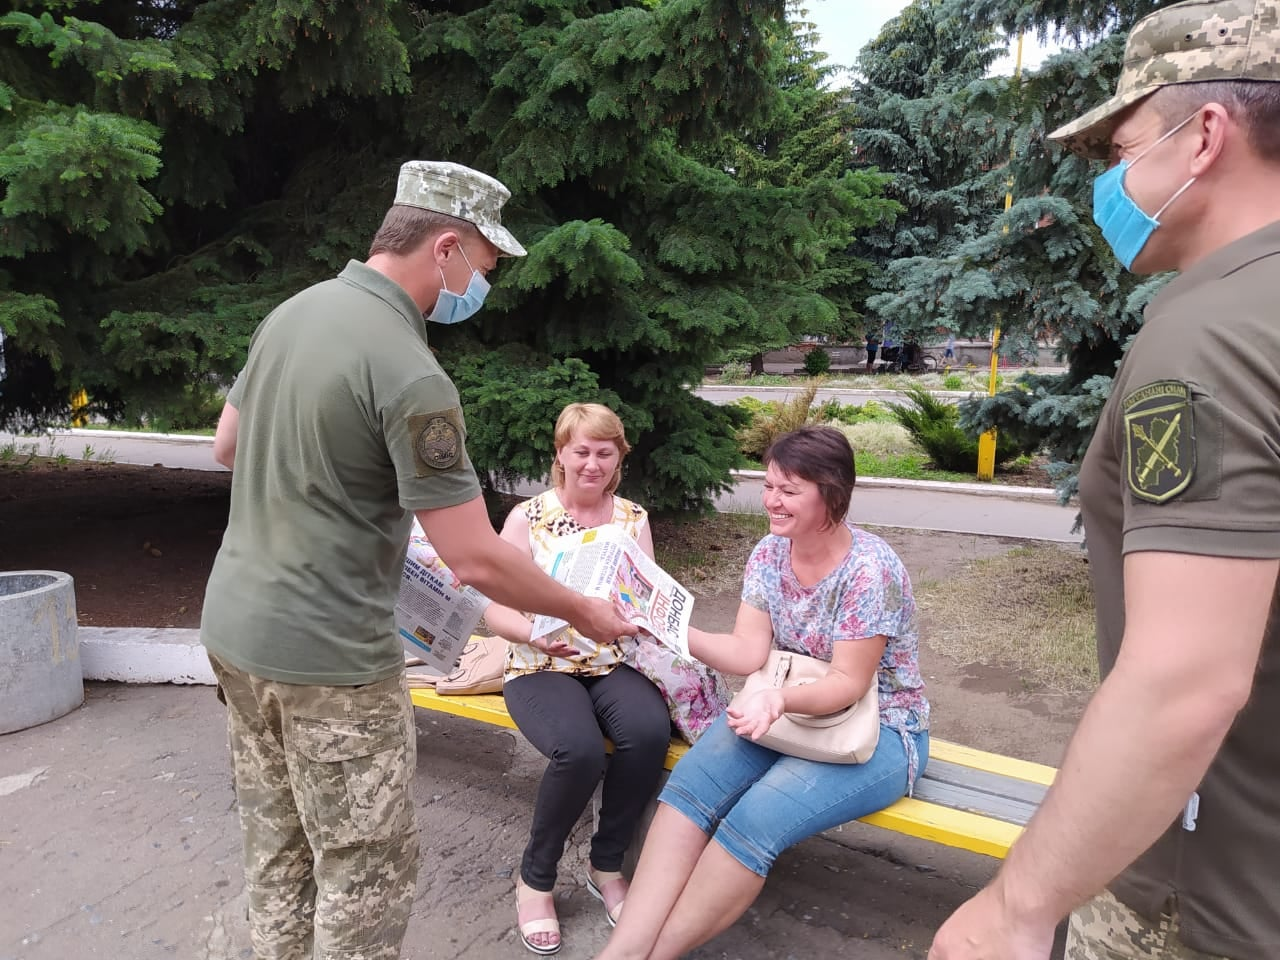 Допомога населенню на Донбасі: за тиждень ЗСУ провели заходи у 88 містах та селах. ФОТО